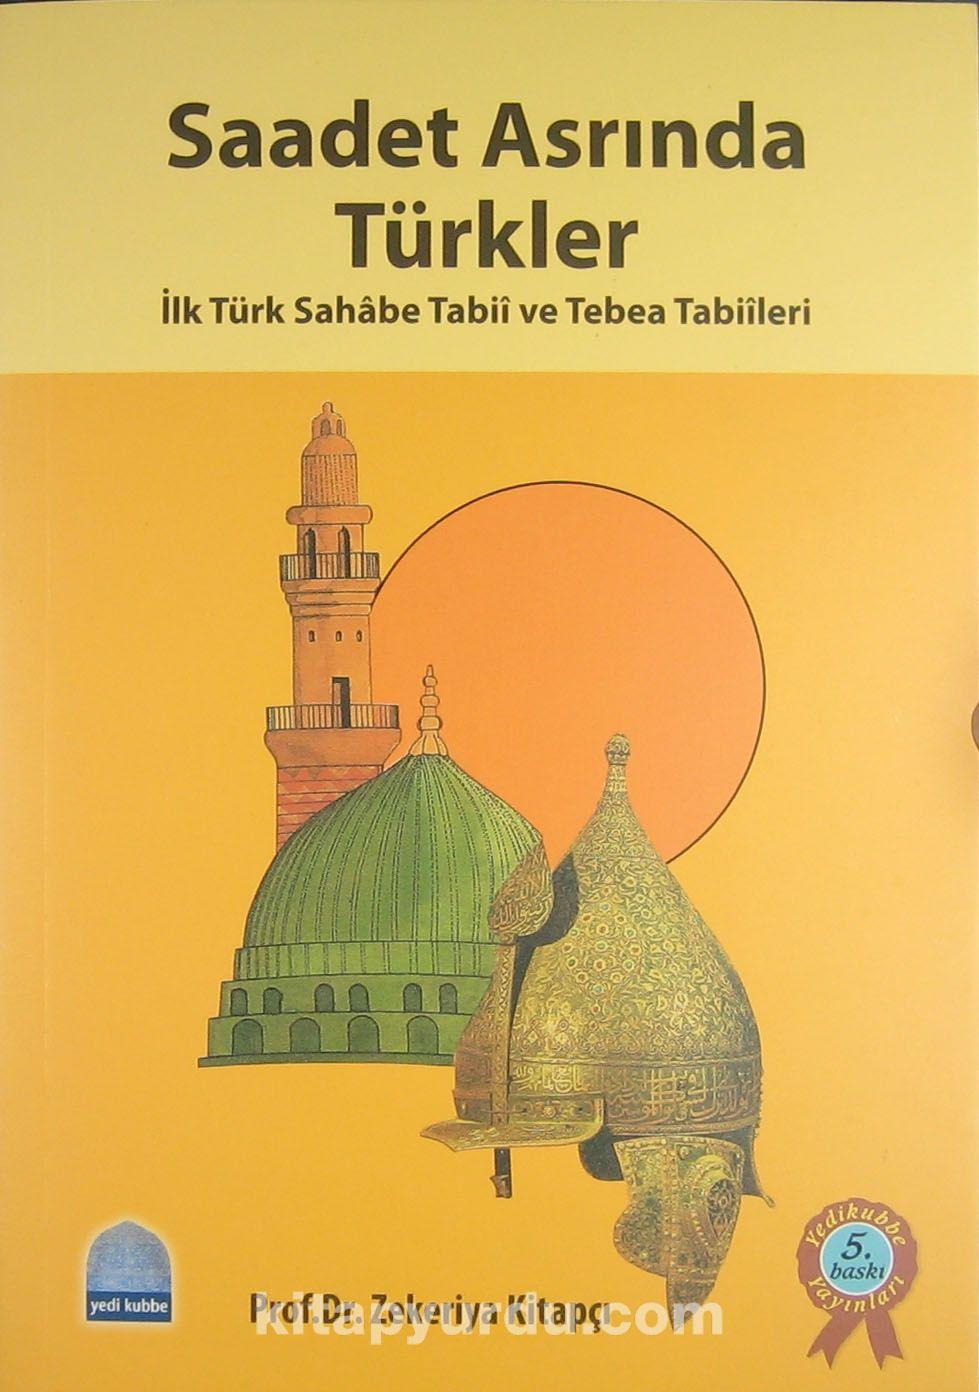 Saadet Asrında Türklerİlk Türk Sahabe Tabii ve Tebea Tabiileri - Prof. Dr. Zekeriya Kitapçı pdf epub